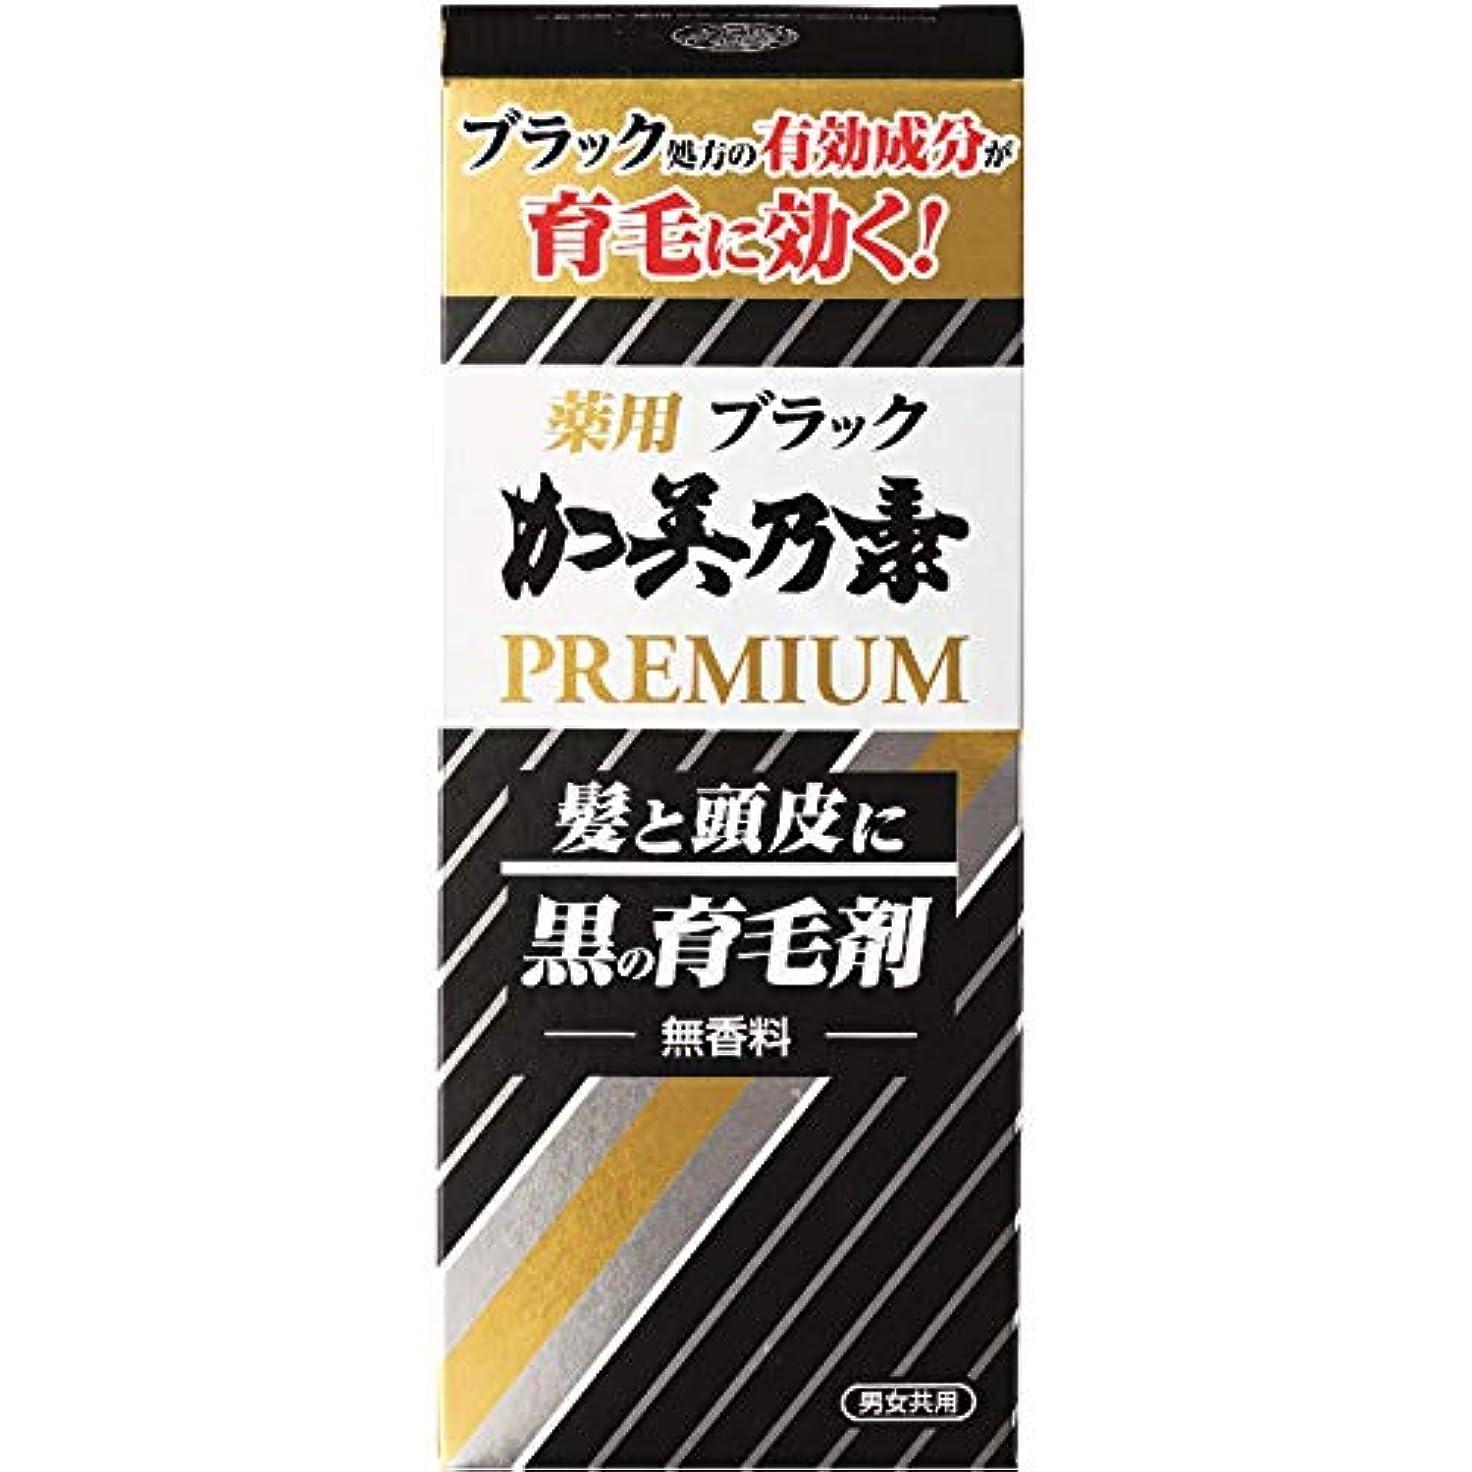 隙間縁石ボックス薬用ブラック加美乃素 PREMIUM 180ml